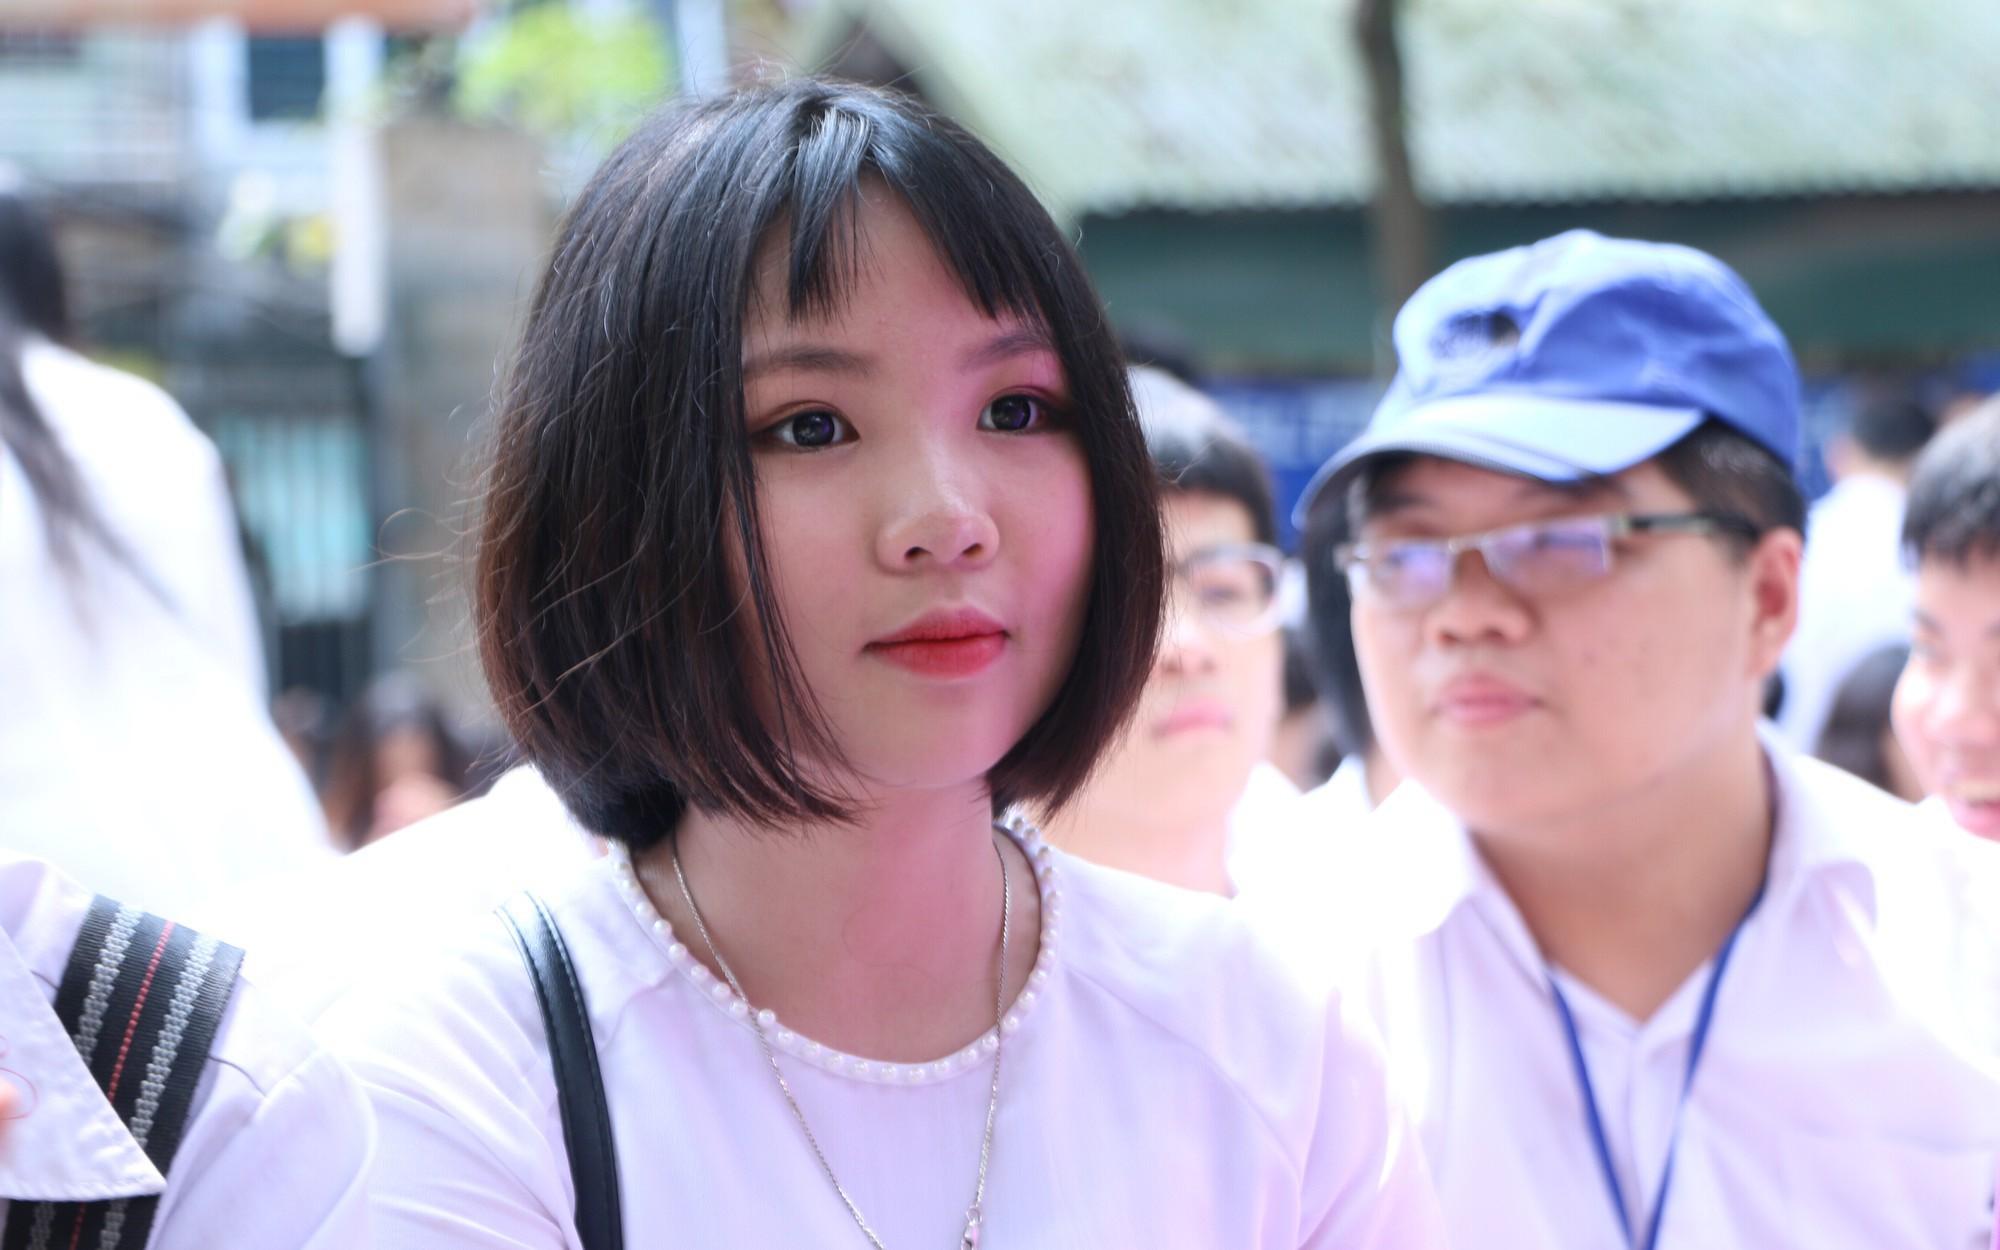 Đề thi thử THPT quốc gia 2019 môn Toán THPT Hoàng Văn Thụ có đáp án